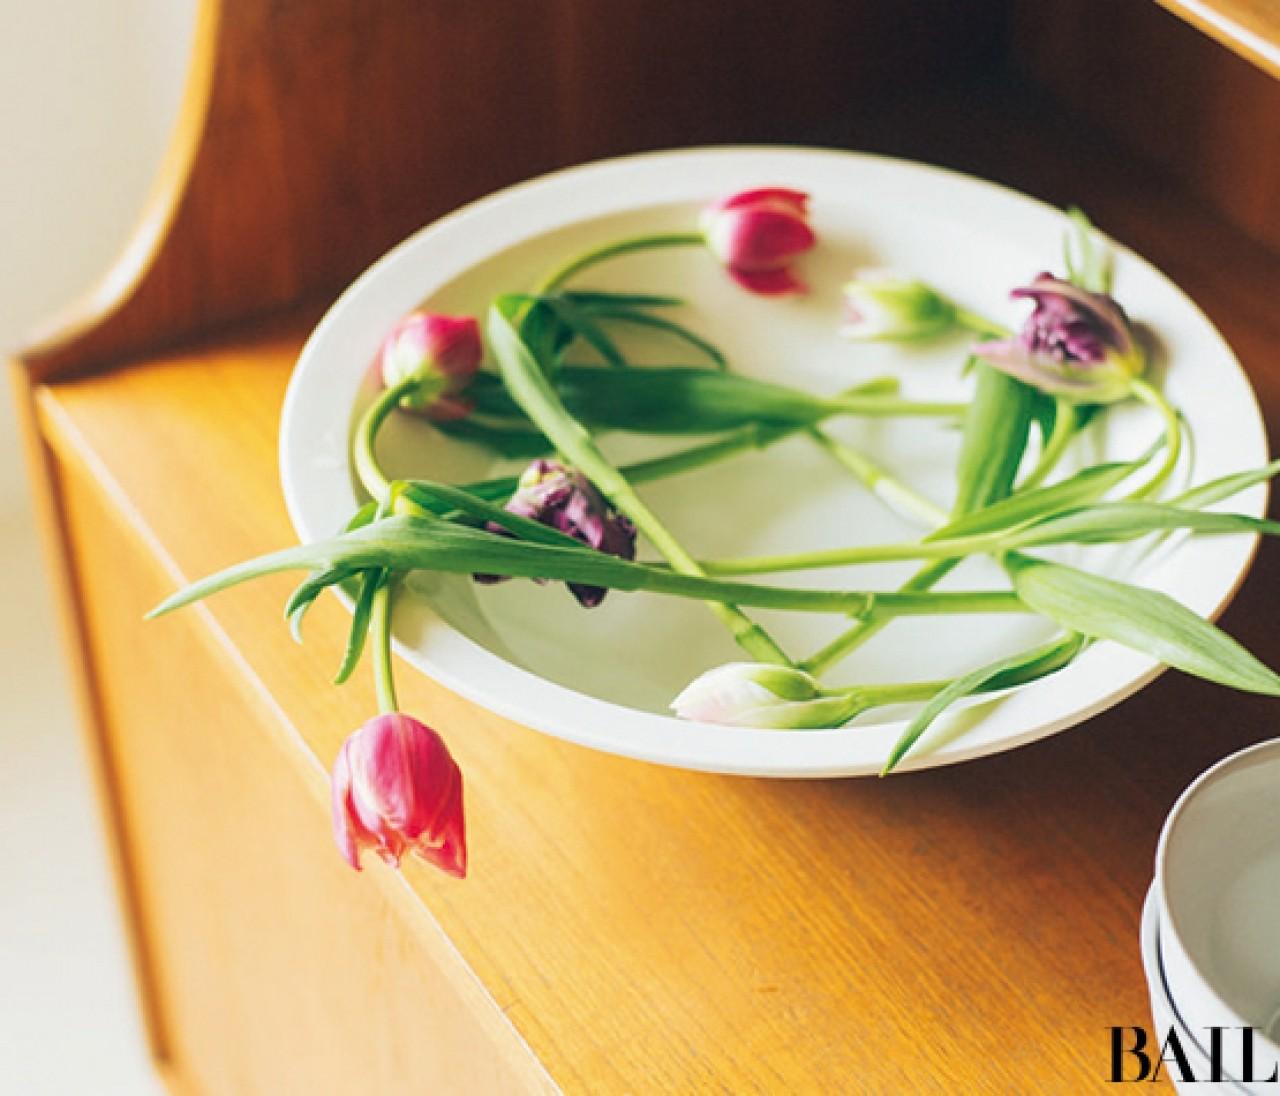 平皿にさりげなく。上から春を楽しむチューリップ【カトパンのあえて小さく飾る花レッスン】